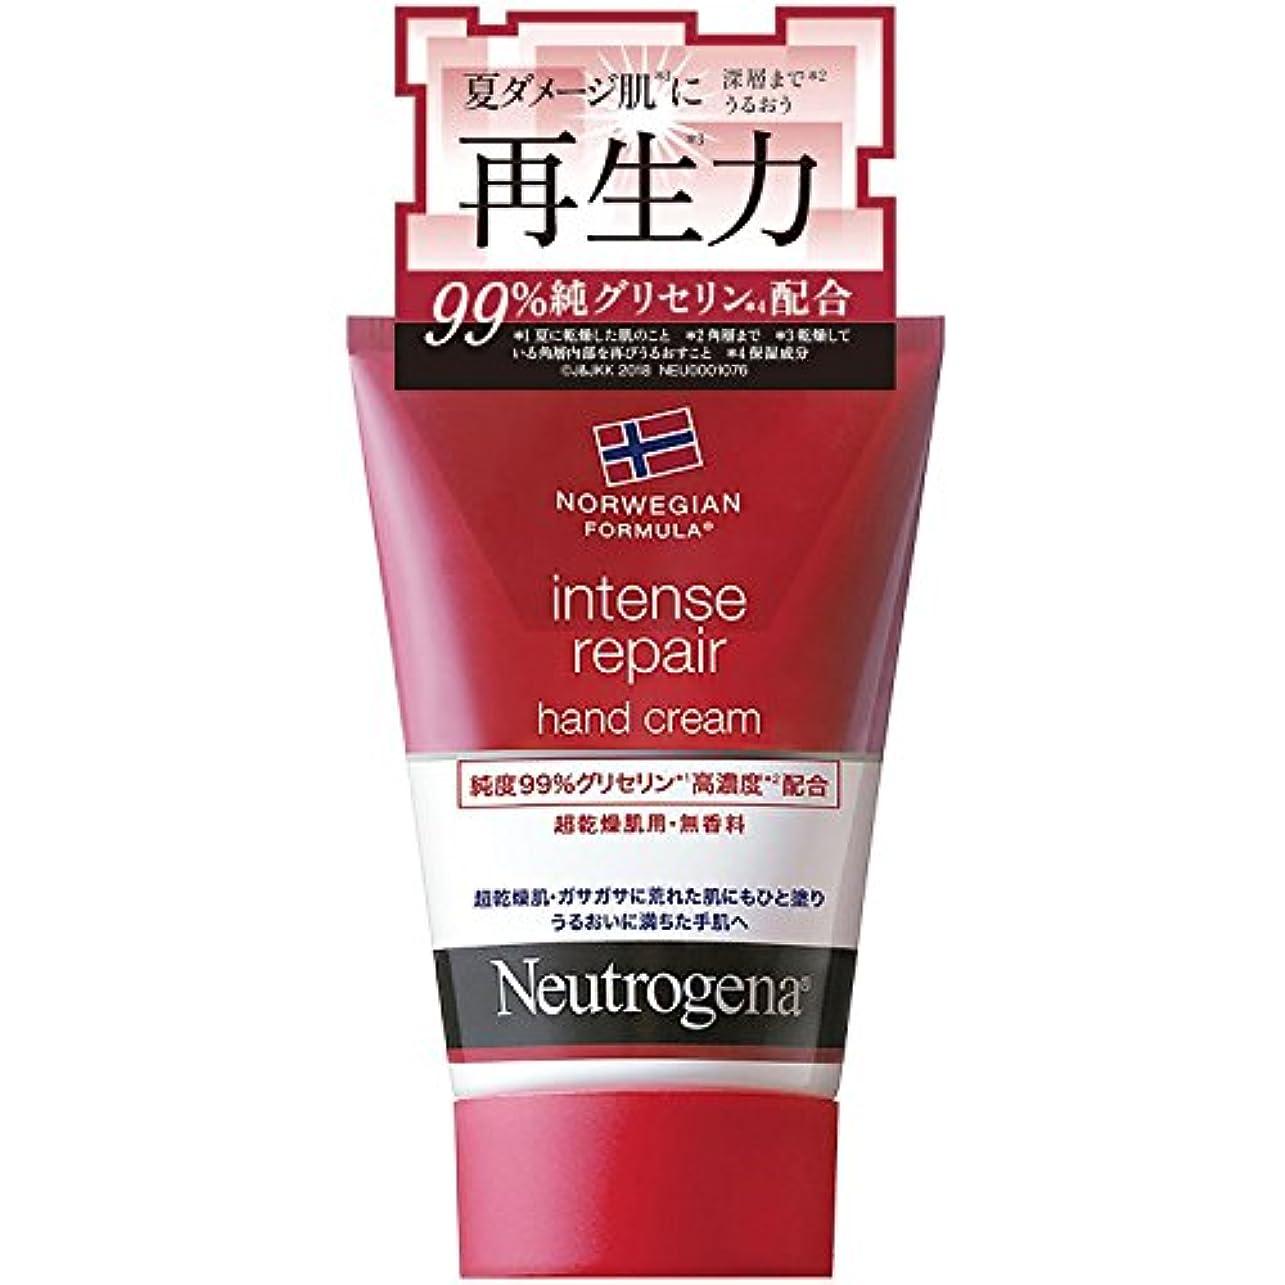 確保するくつろぎ磁気Neutrogena(ニュートロジーナ) ノルウェーフォーミュラ インテンスリペア ハンドクリーム 超乾燥肌用 無香料 単品 50g